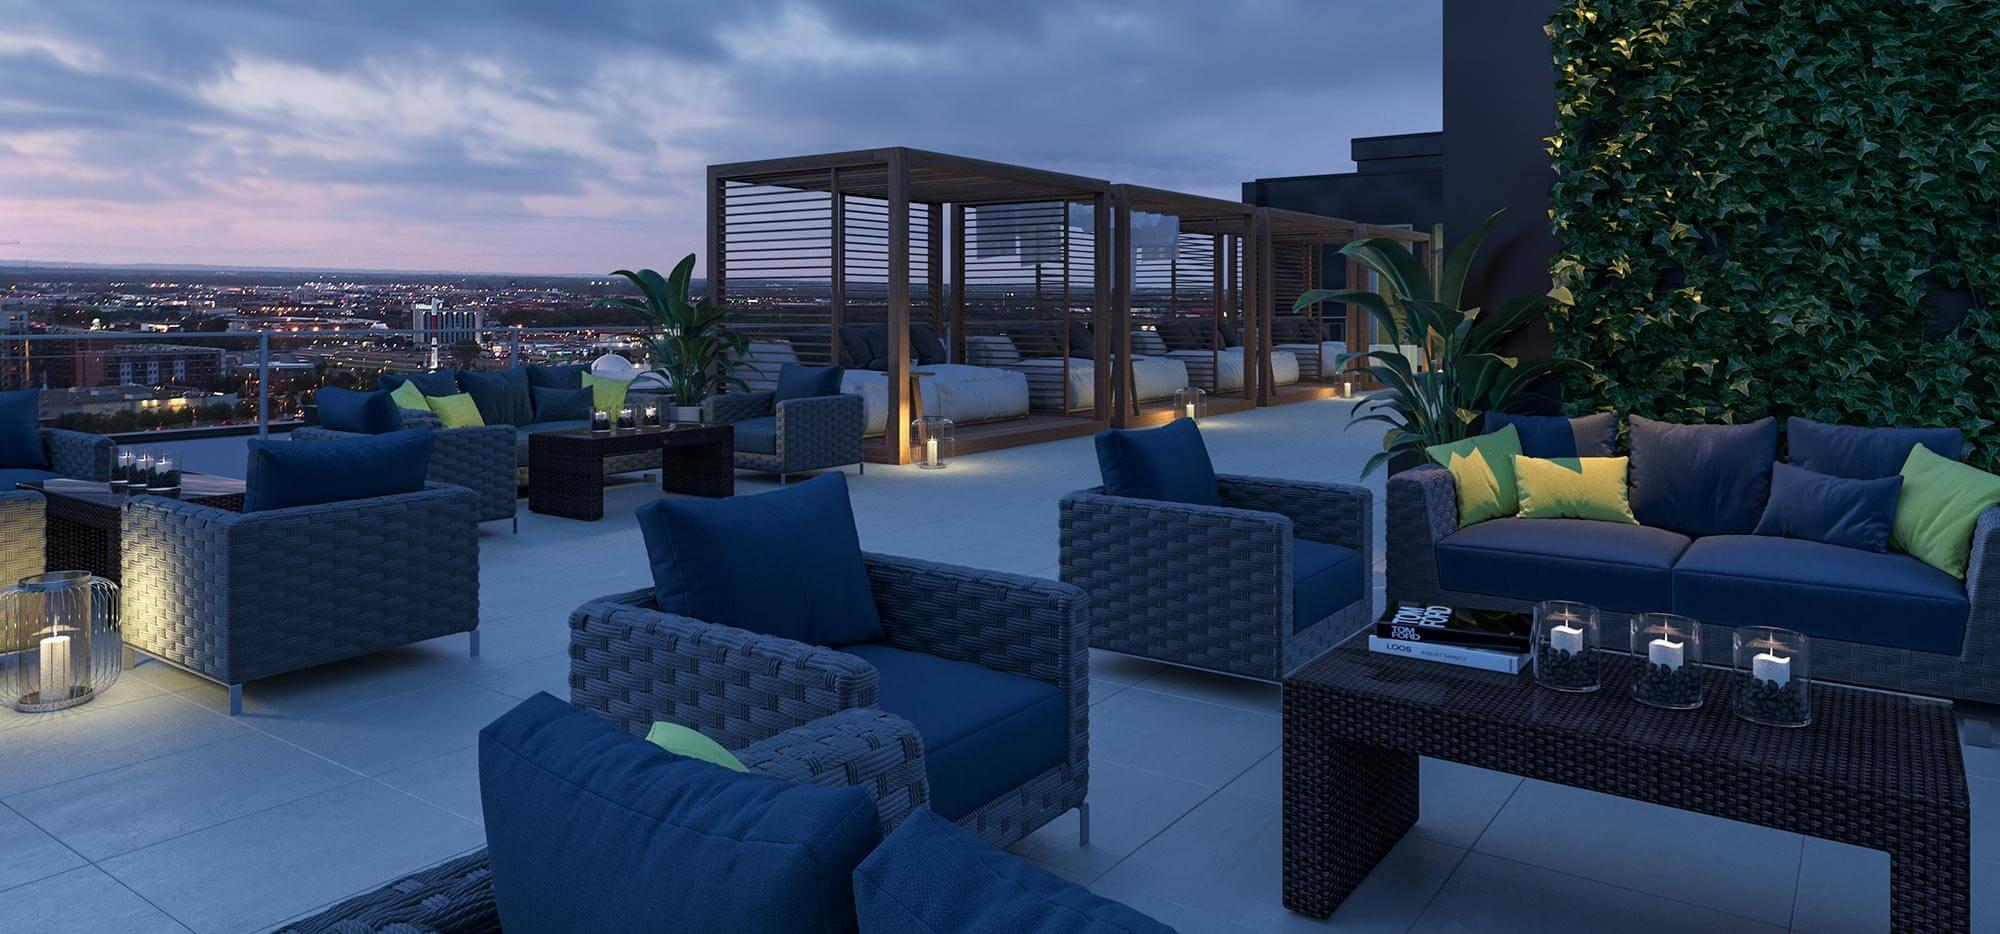 terrasse sur toit de nuit les tours saint martin projet de condo locatif. Black Bedroom Furniture Sets. Home Design Ideas